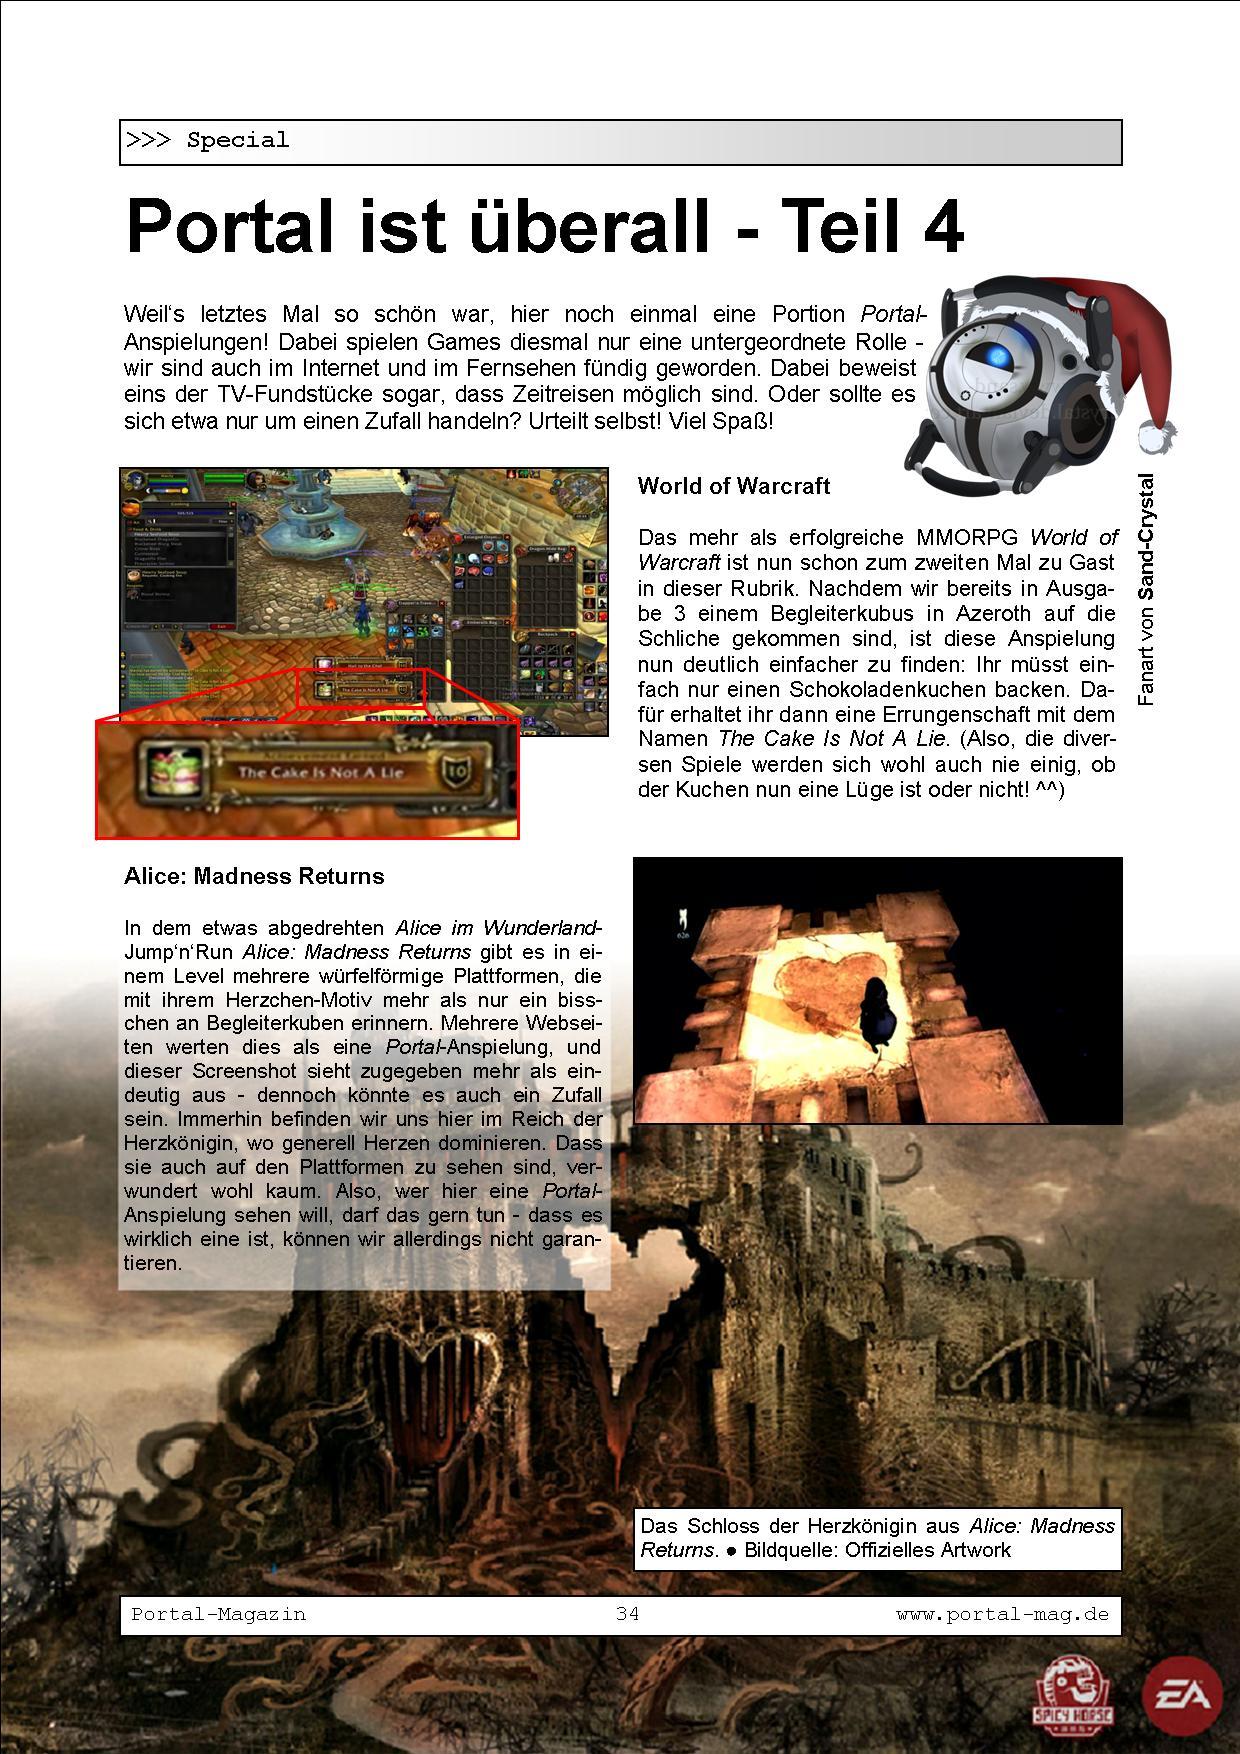 Ausgabe 11, Seite 34